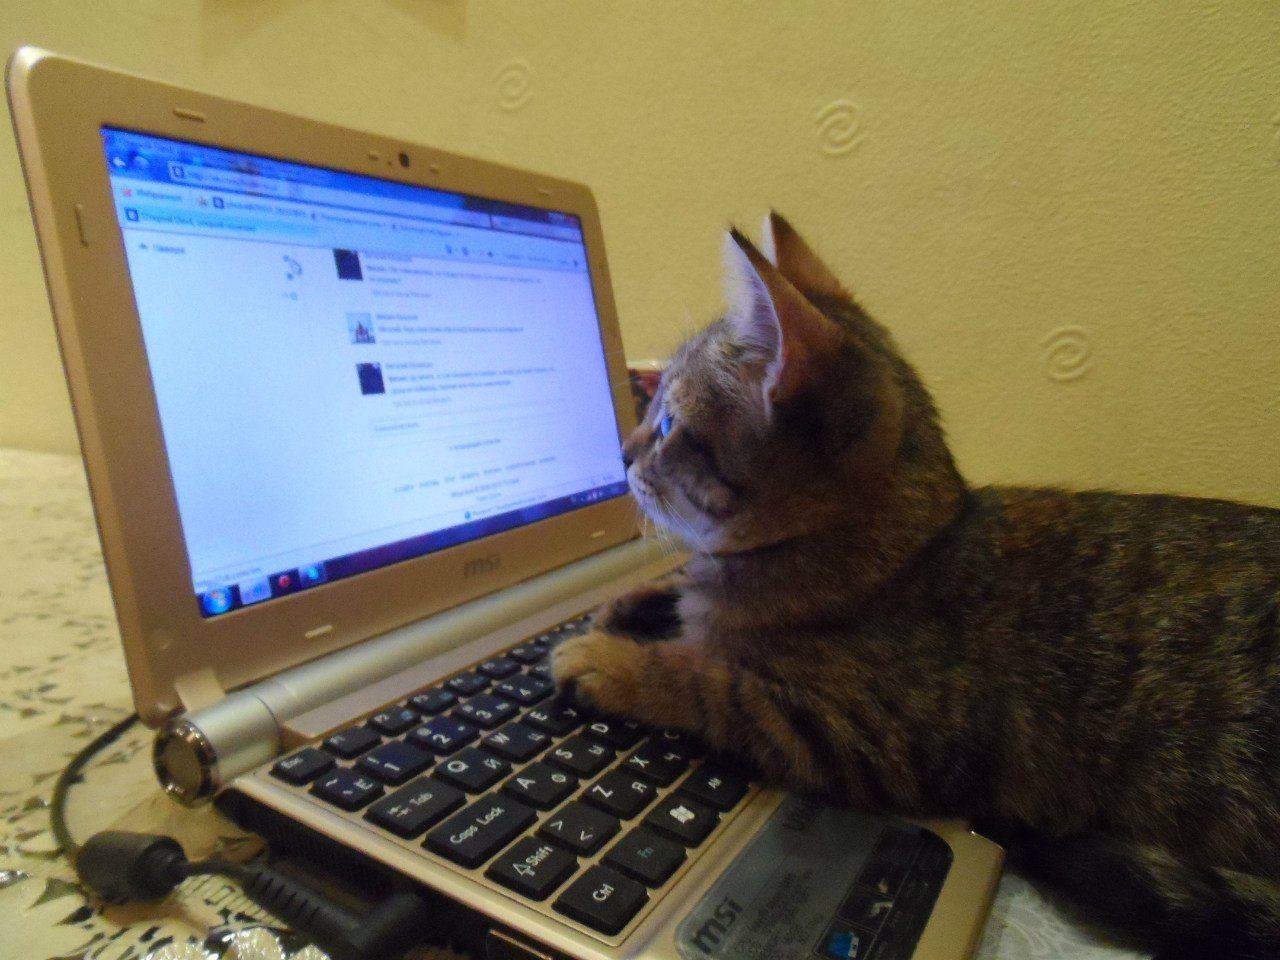 разумеется, картинки в интернете кошки бывает так, что